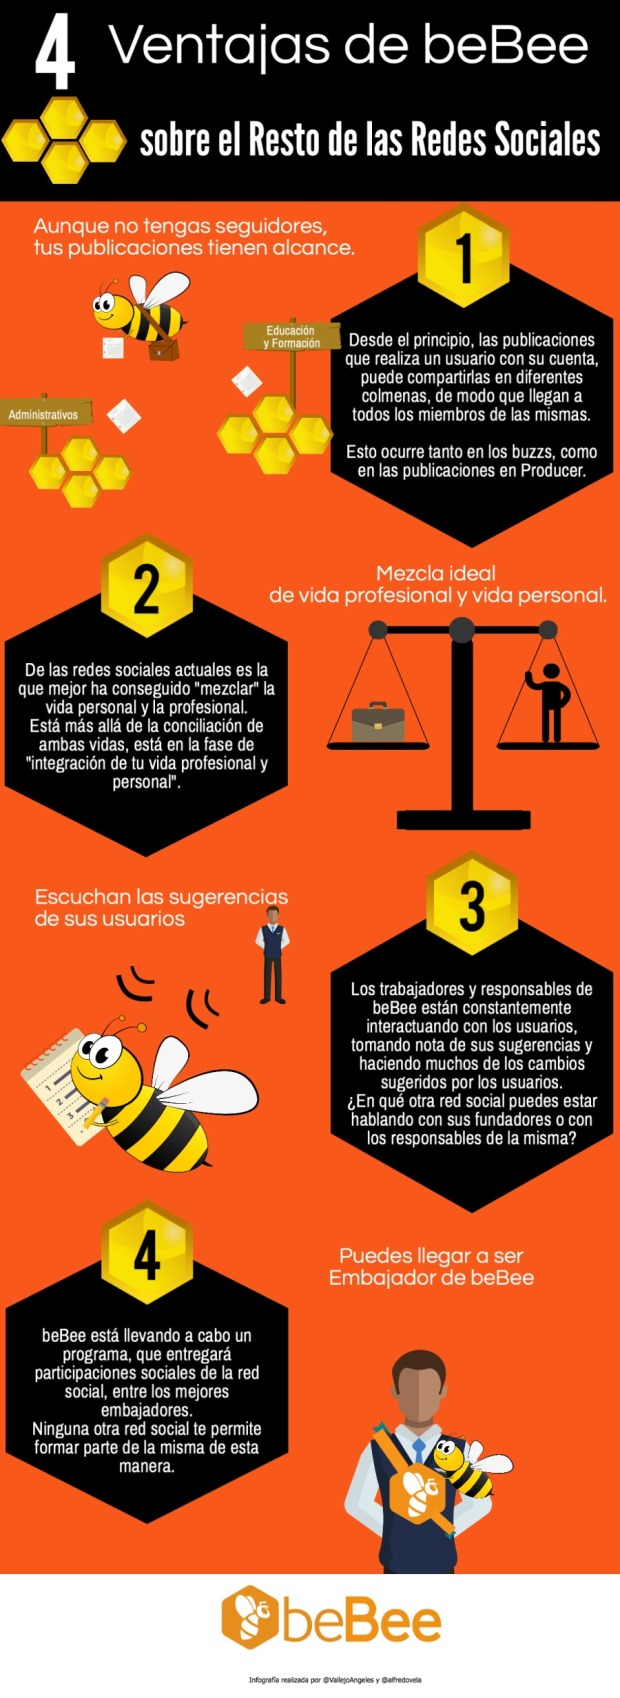 4 ventajas de beBee sobre el resto de Redes Sociales